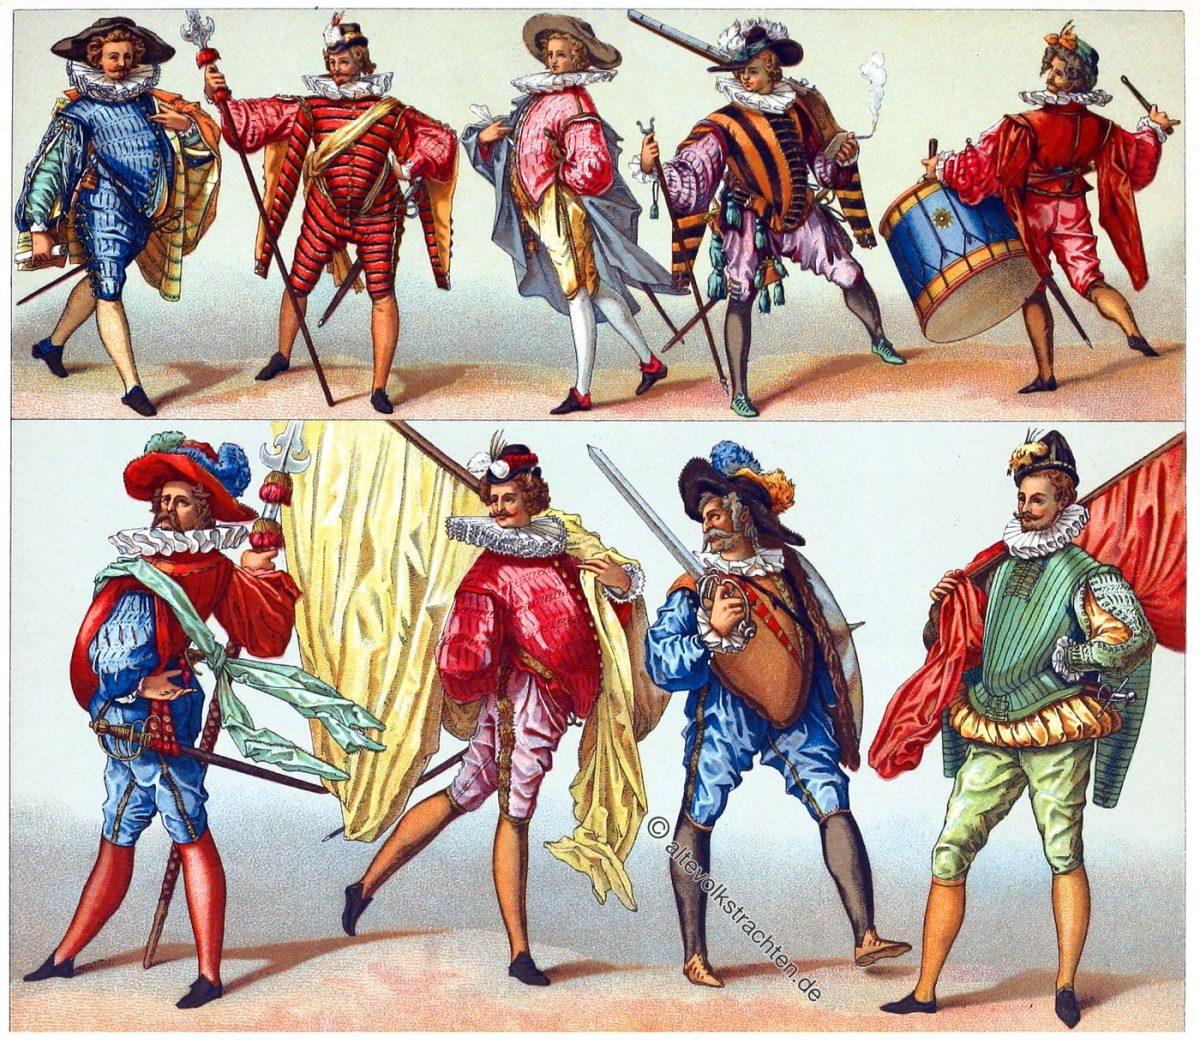 Französische Infanterie der Renaissance unter Heinrich III. im 16. Jahrhundert.